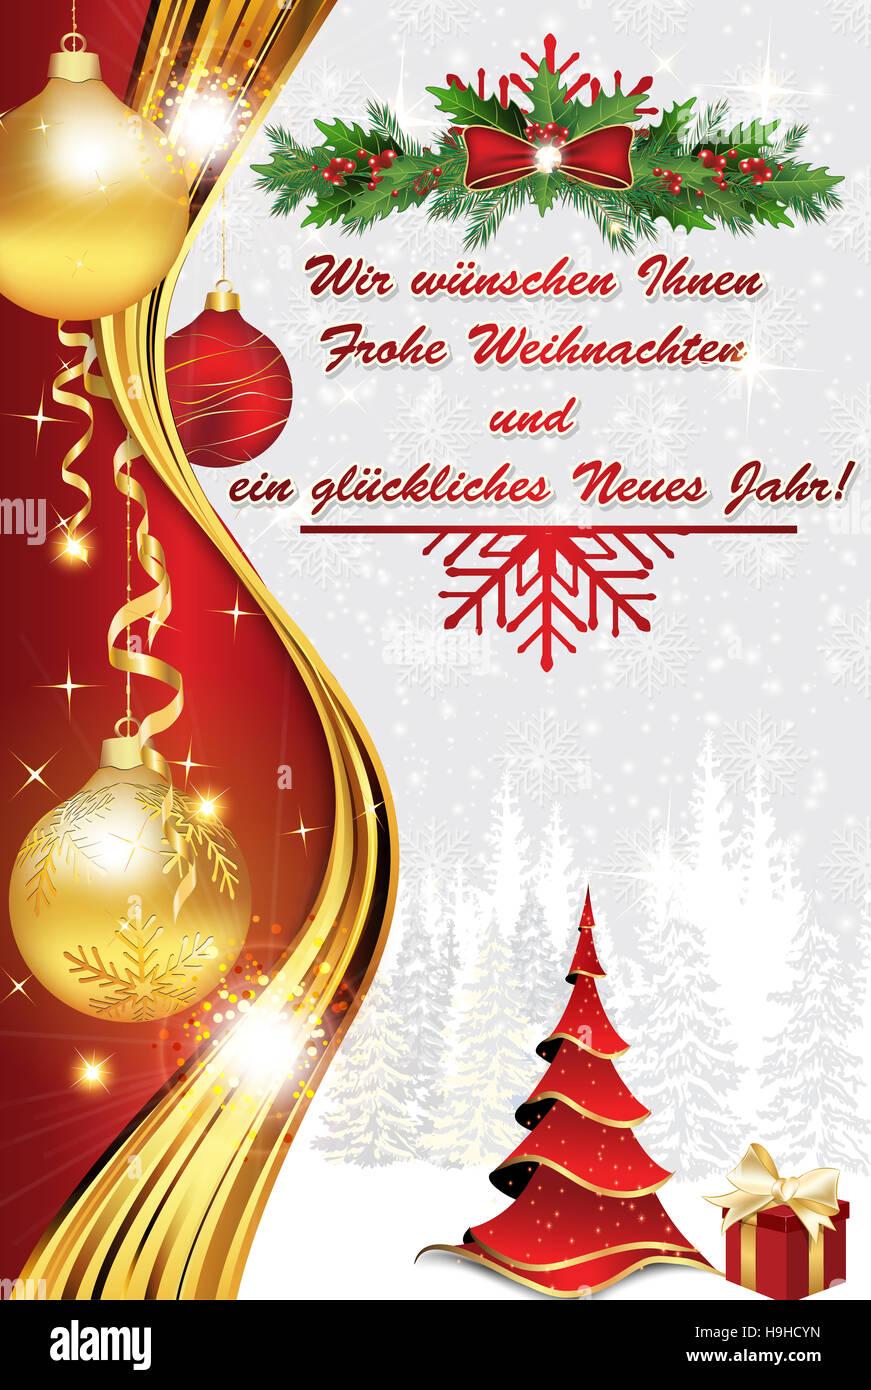 Geschftliche Weihnachtsgre Druckfarben verwendet Stock